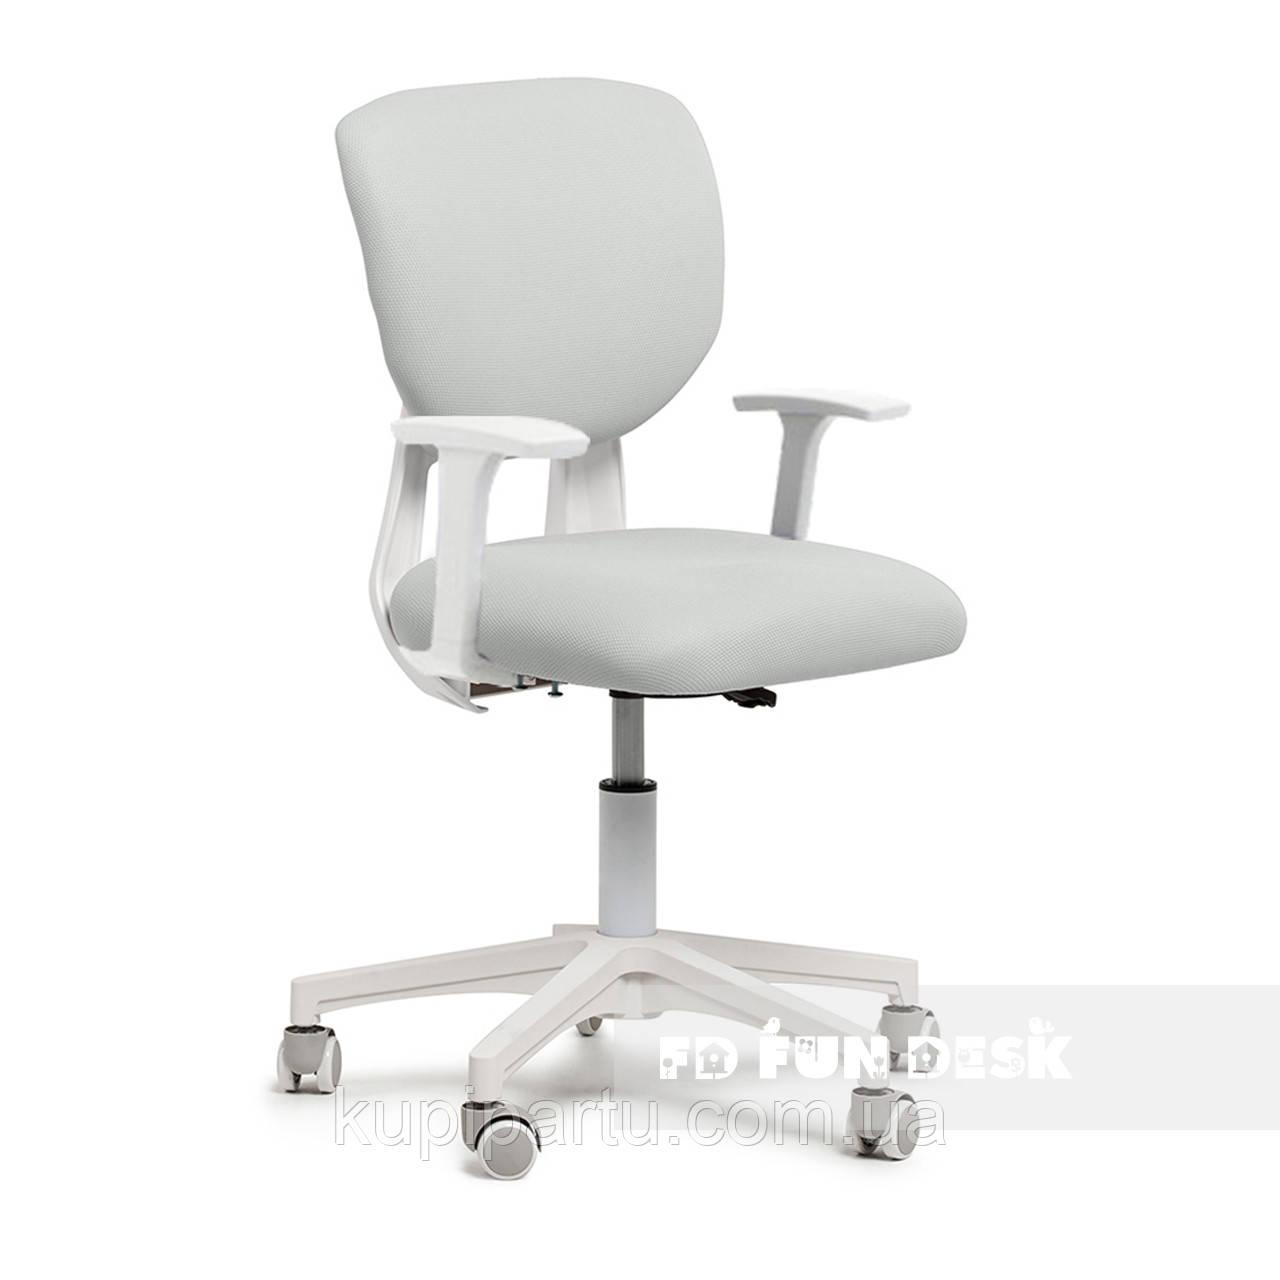 Детское эргономичное кресло Fundesk Buono Grey с подлокотниками